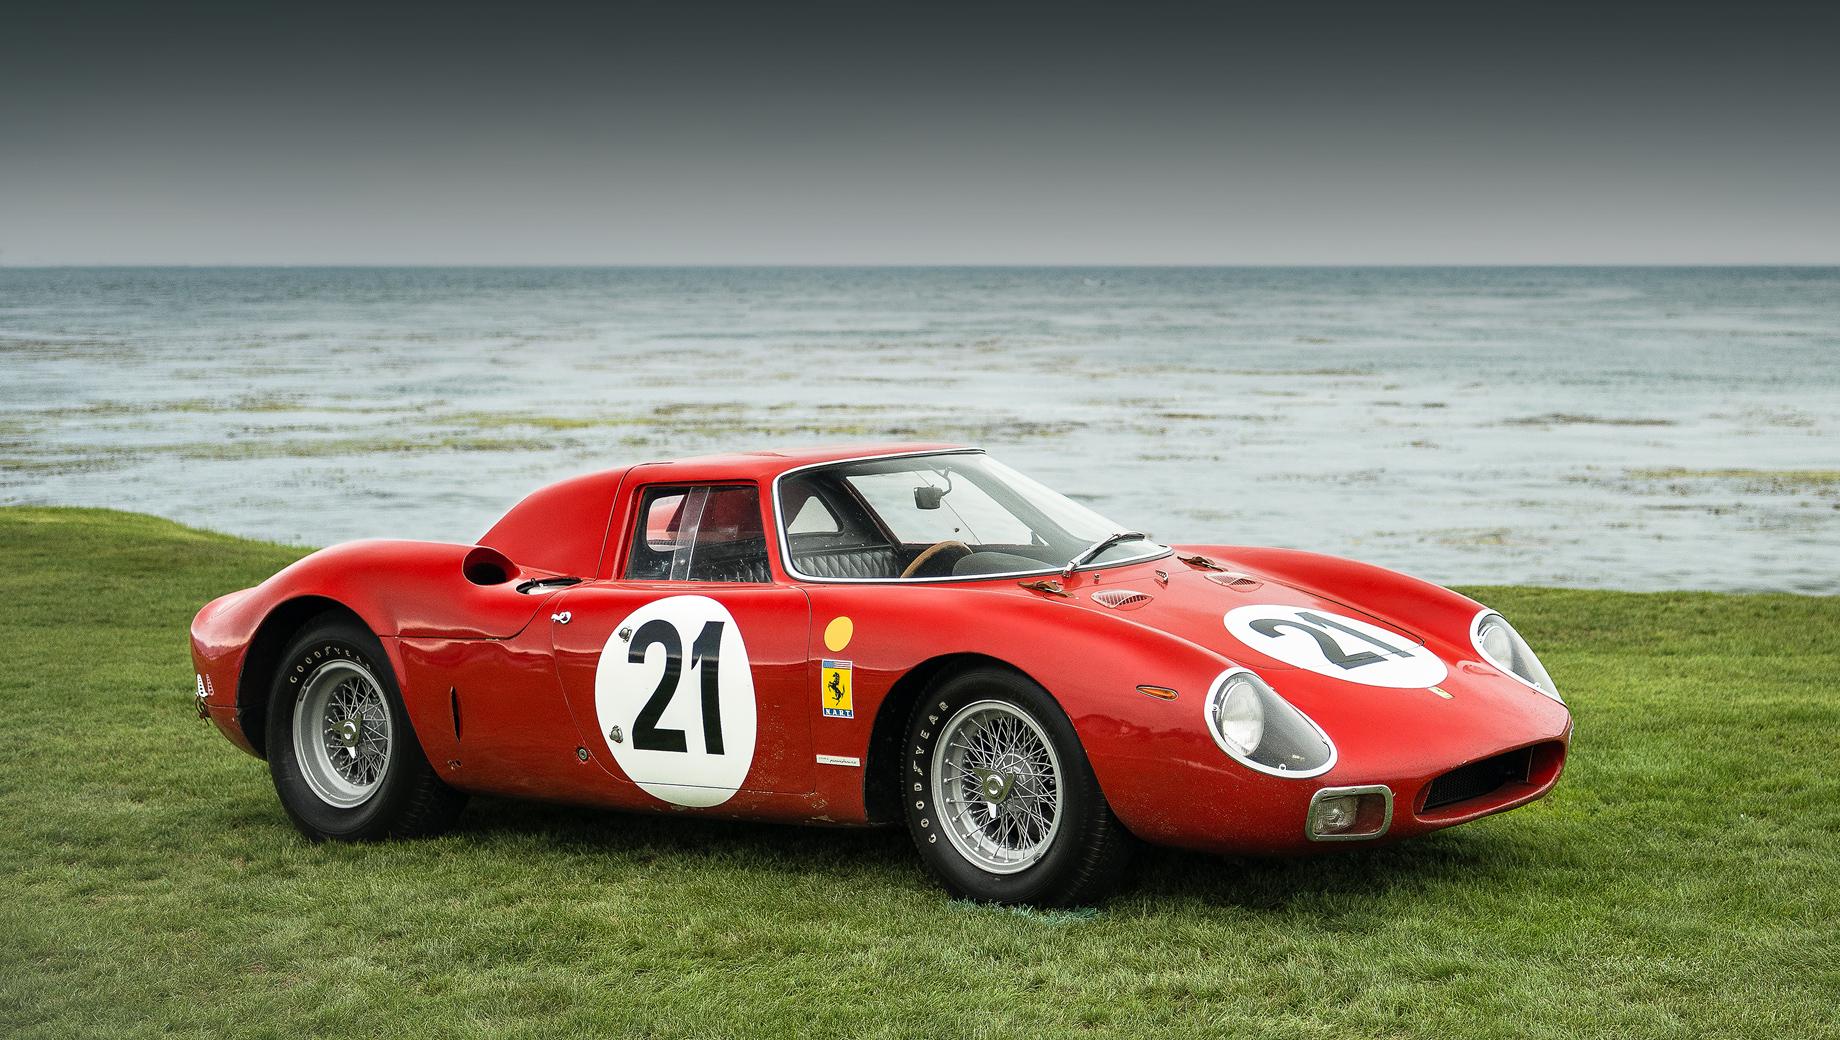 Ferrari lmh. Последняя машина Ferrari, побеждавшая в «24-часах Ле-Мана» в общем зачёте: 250 LM с 323-сильным мотором V12 3.3, шасси 5893, бортовой номер 21.